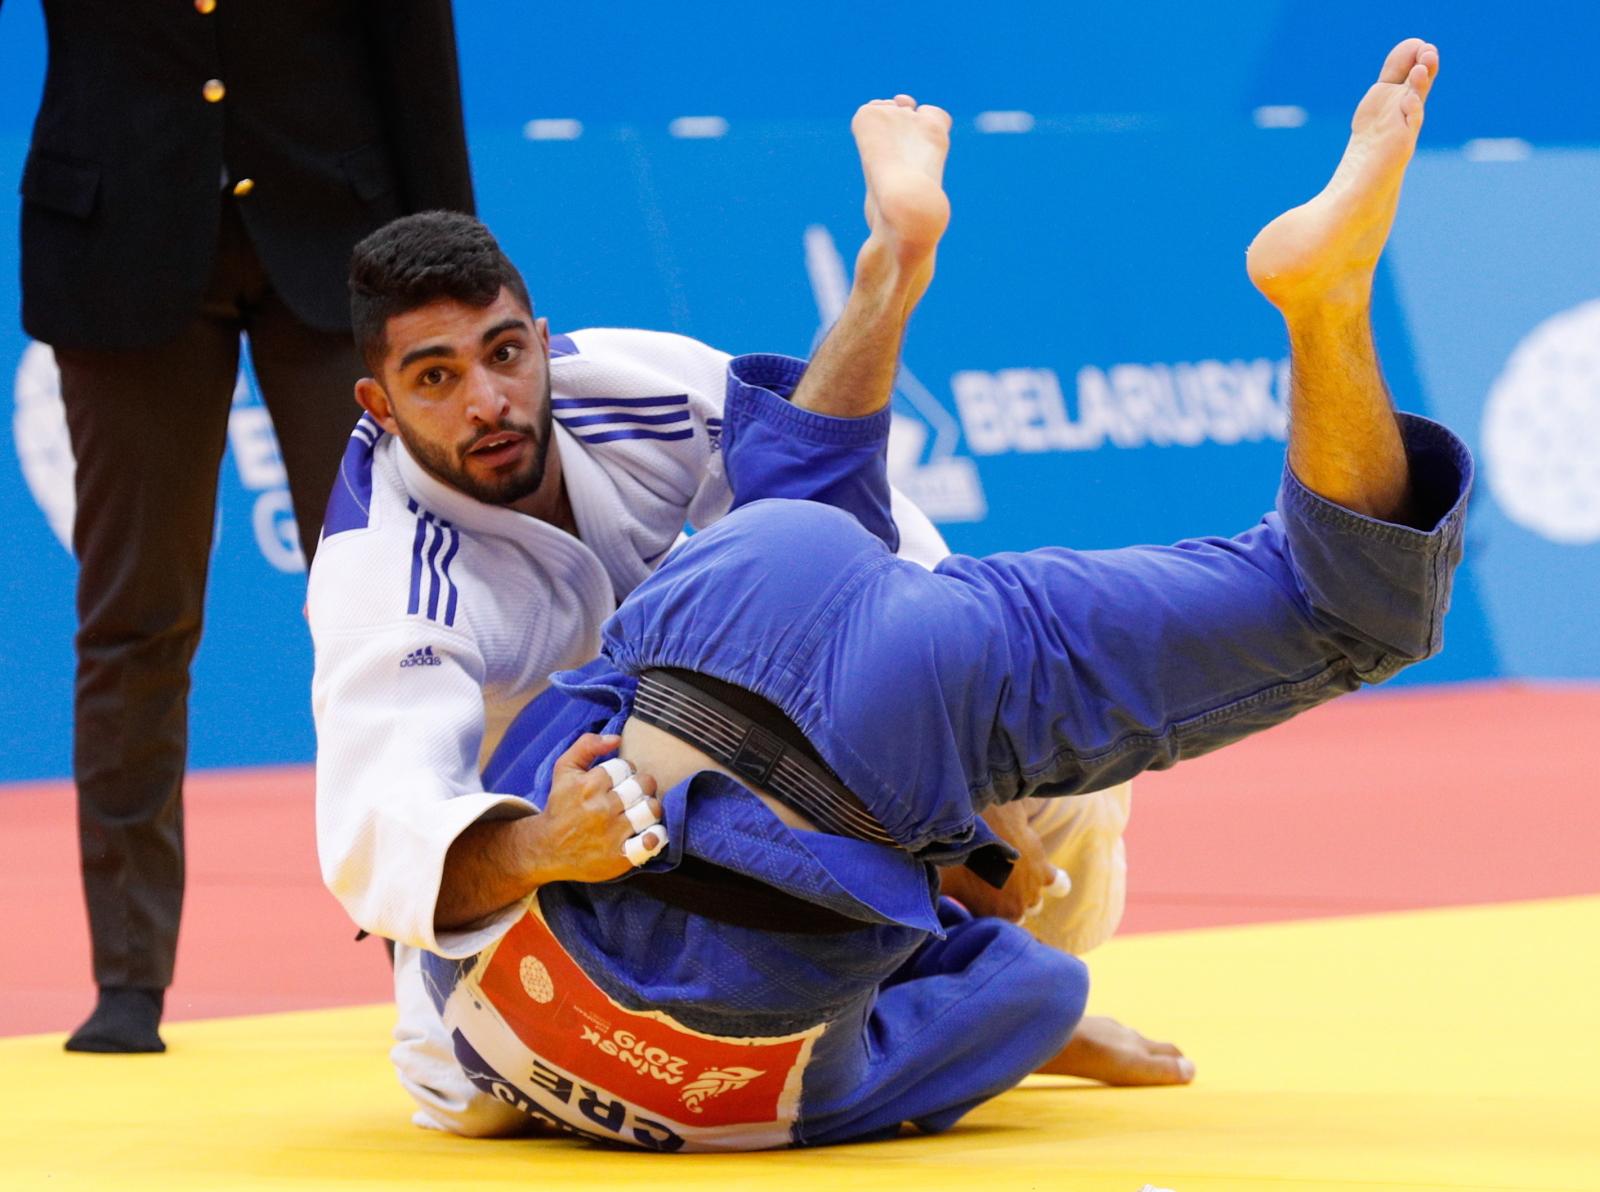 Zawody judo na Białorusi. Fot. PAP/EPA/SERGEY DOLZHENKO